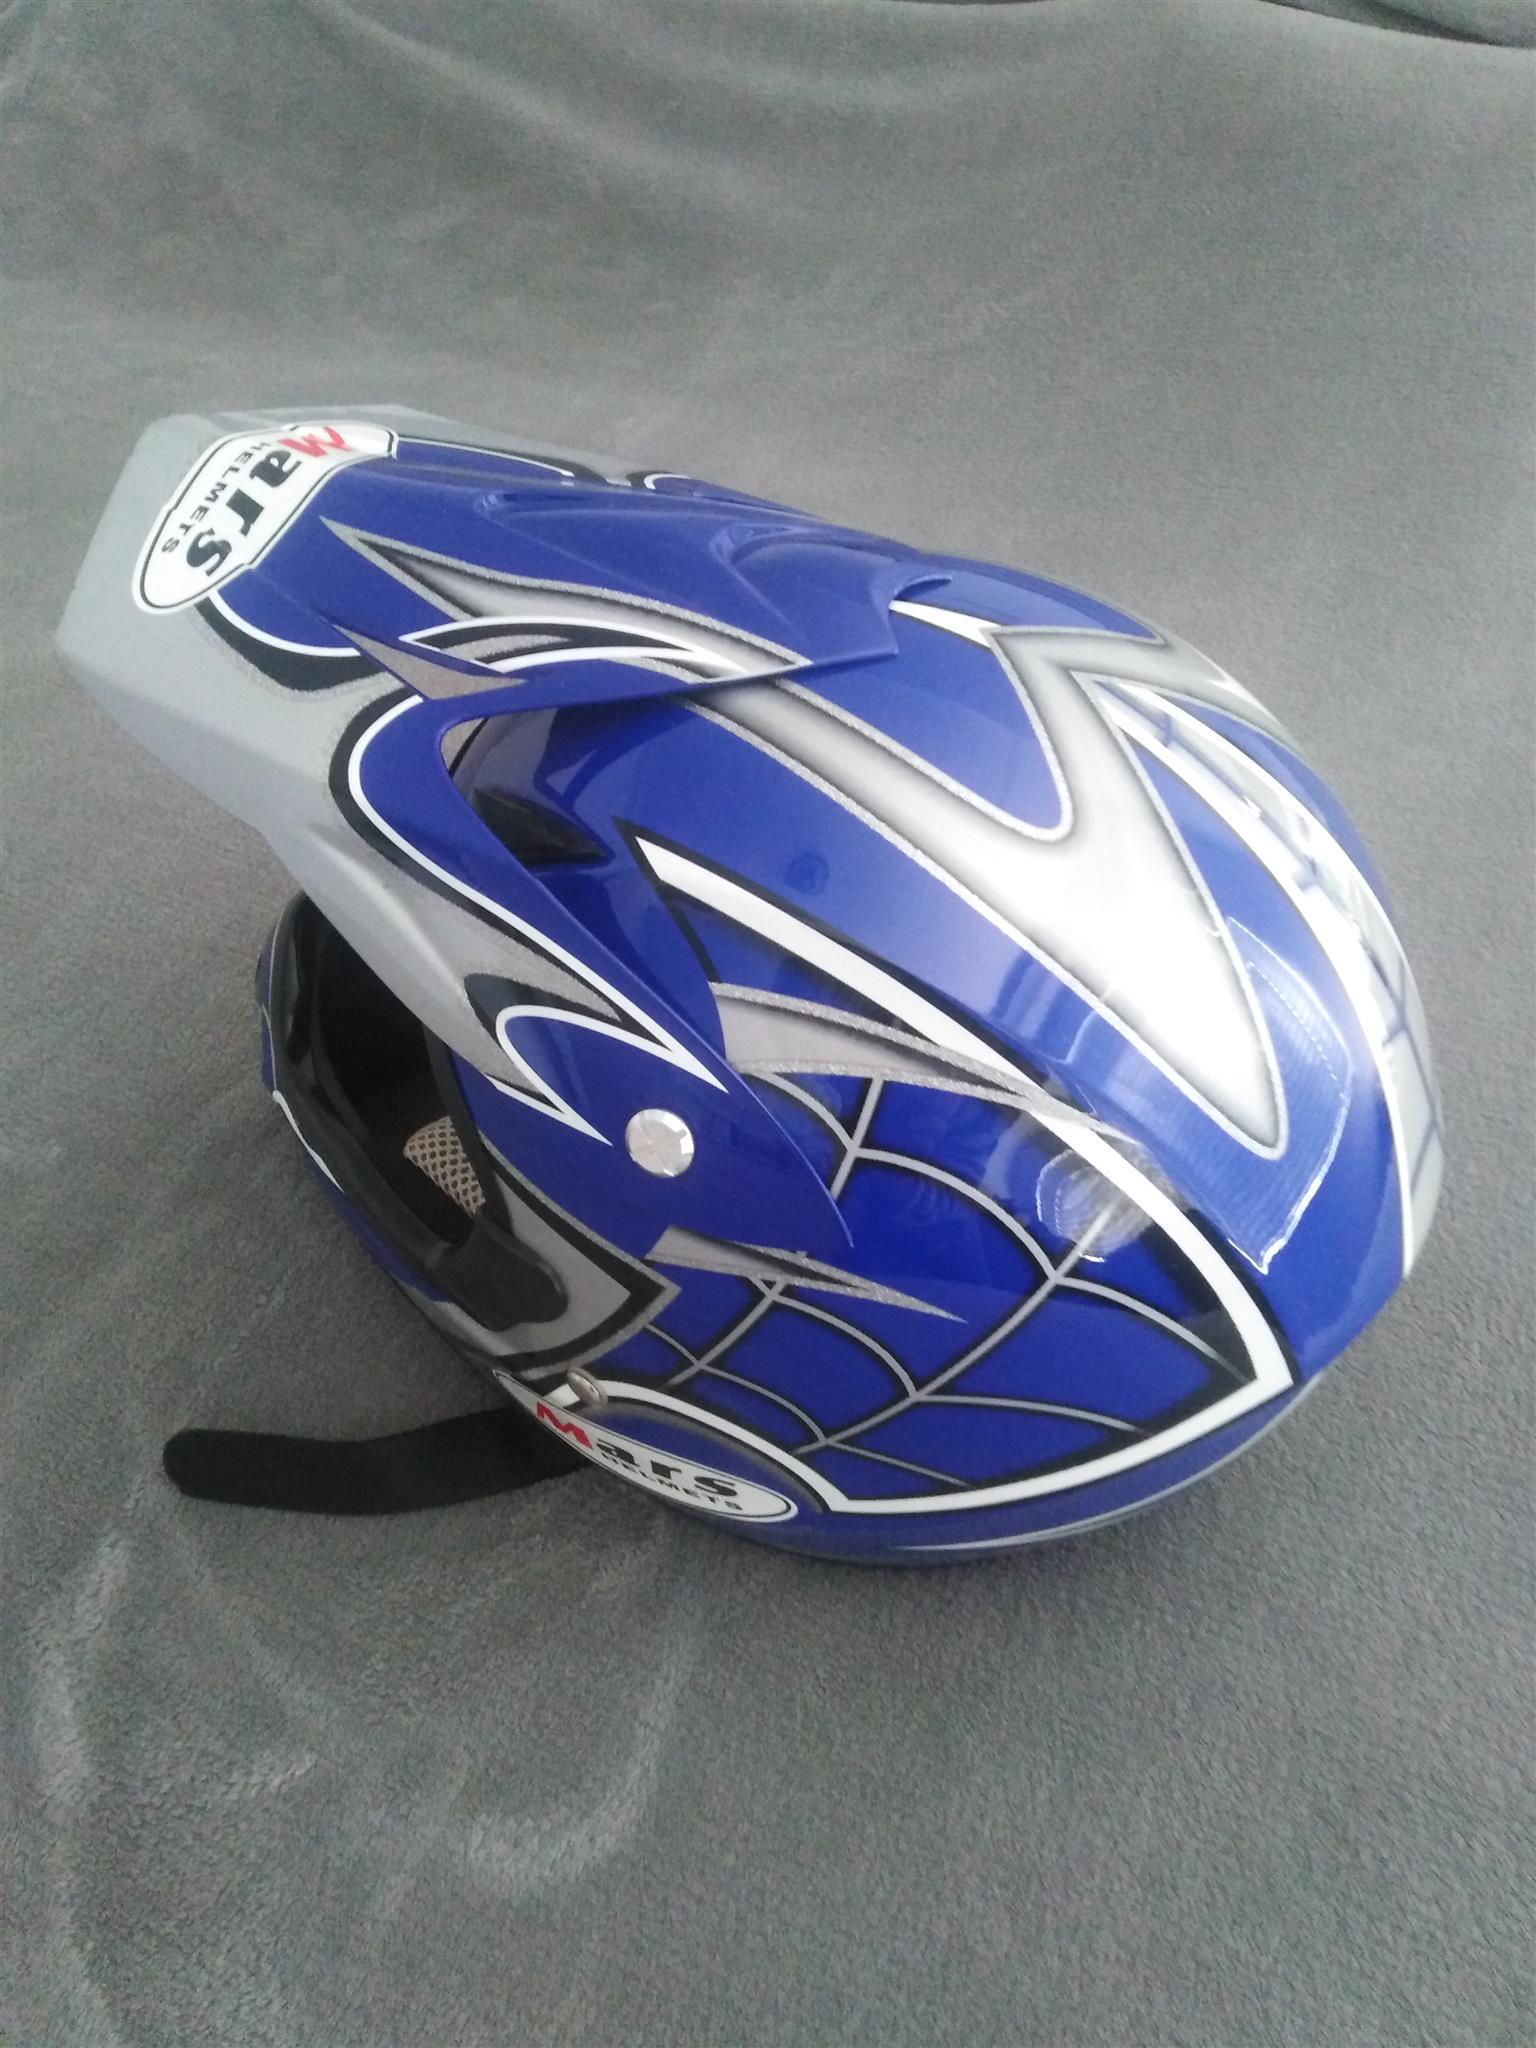 Mars offroad helmet